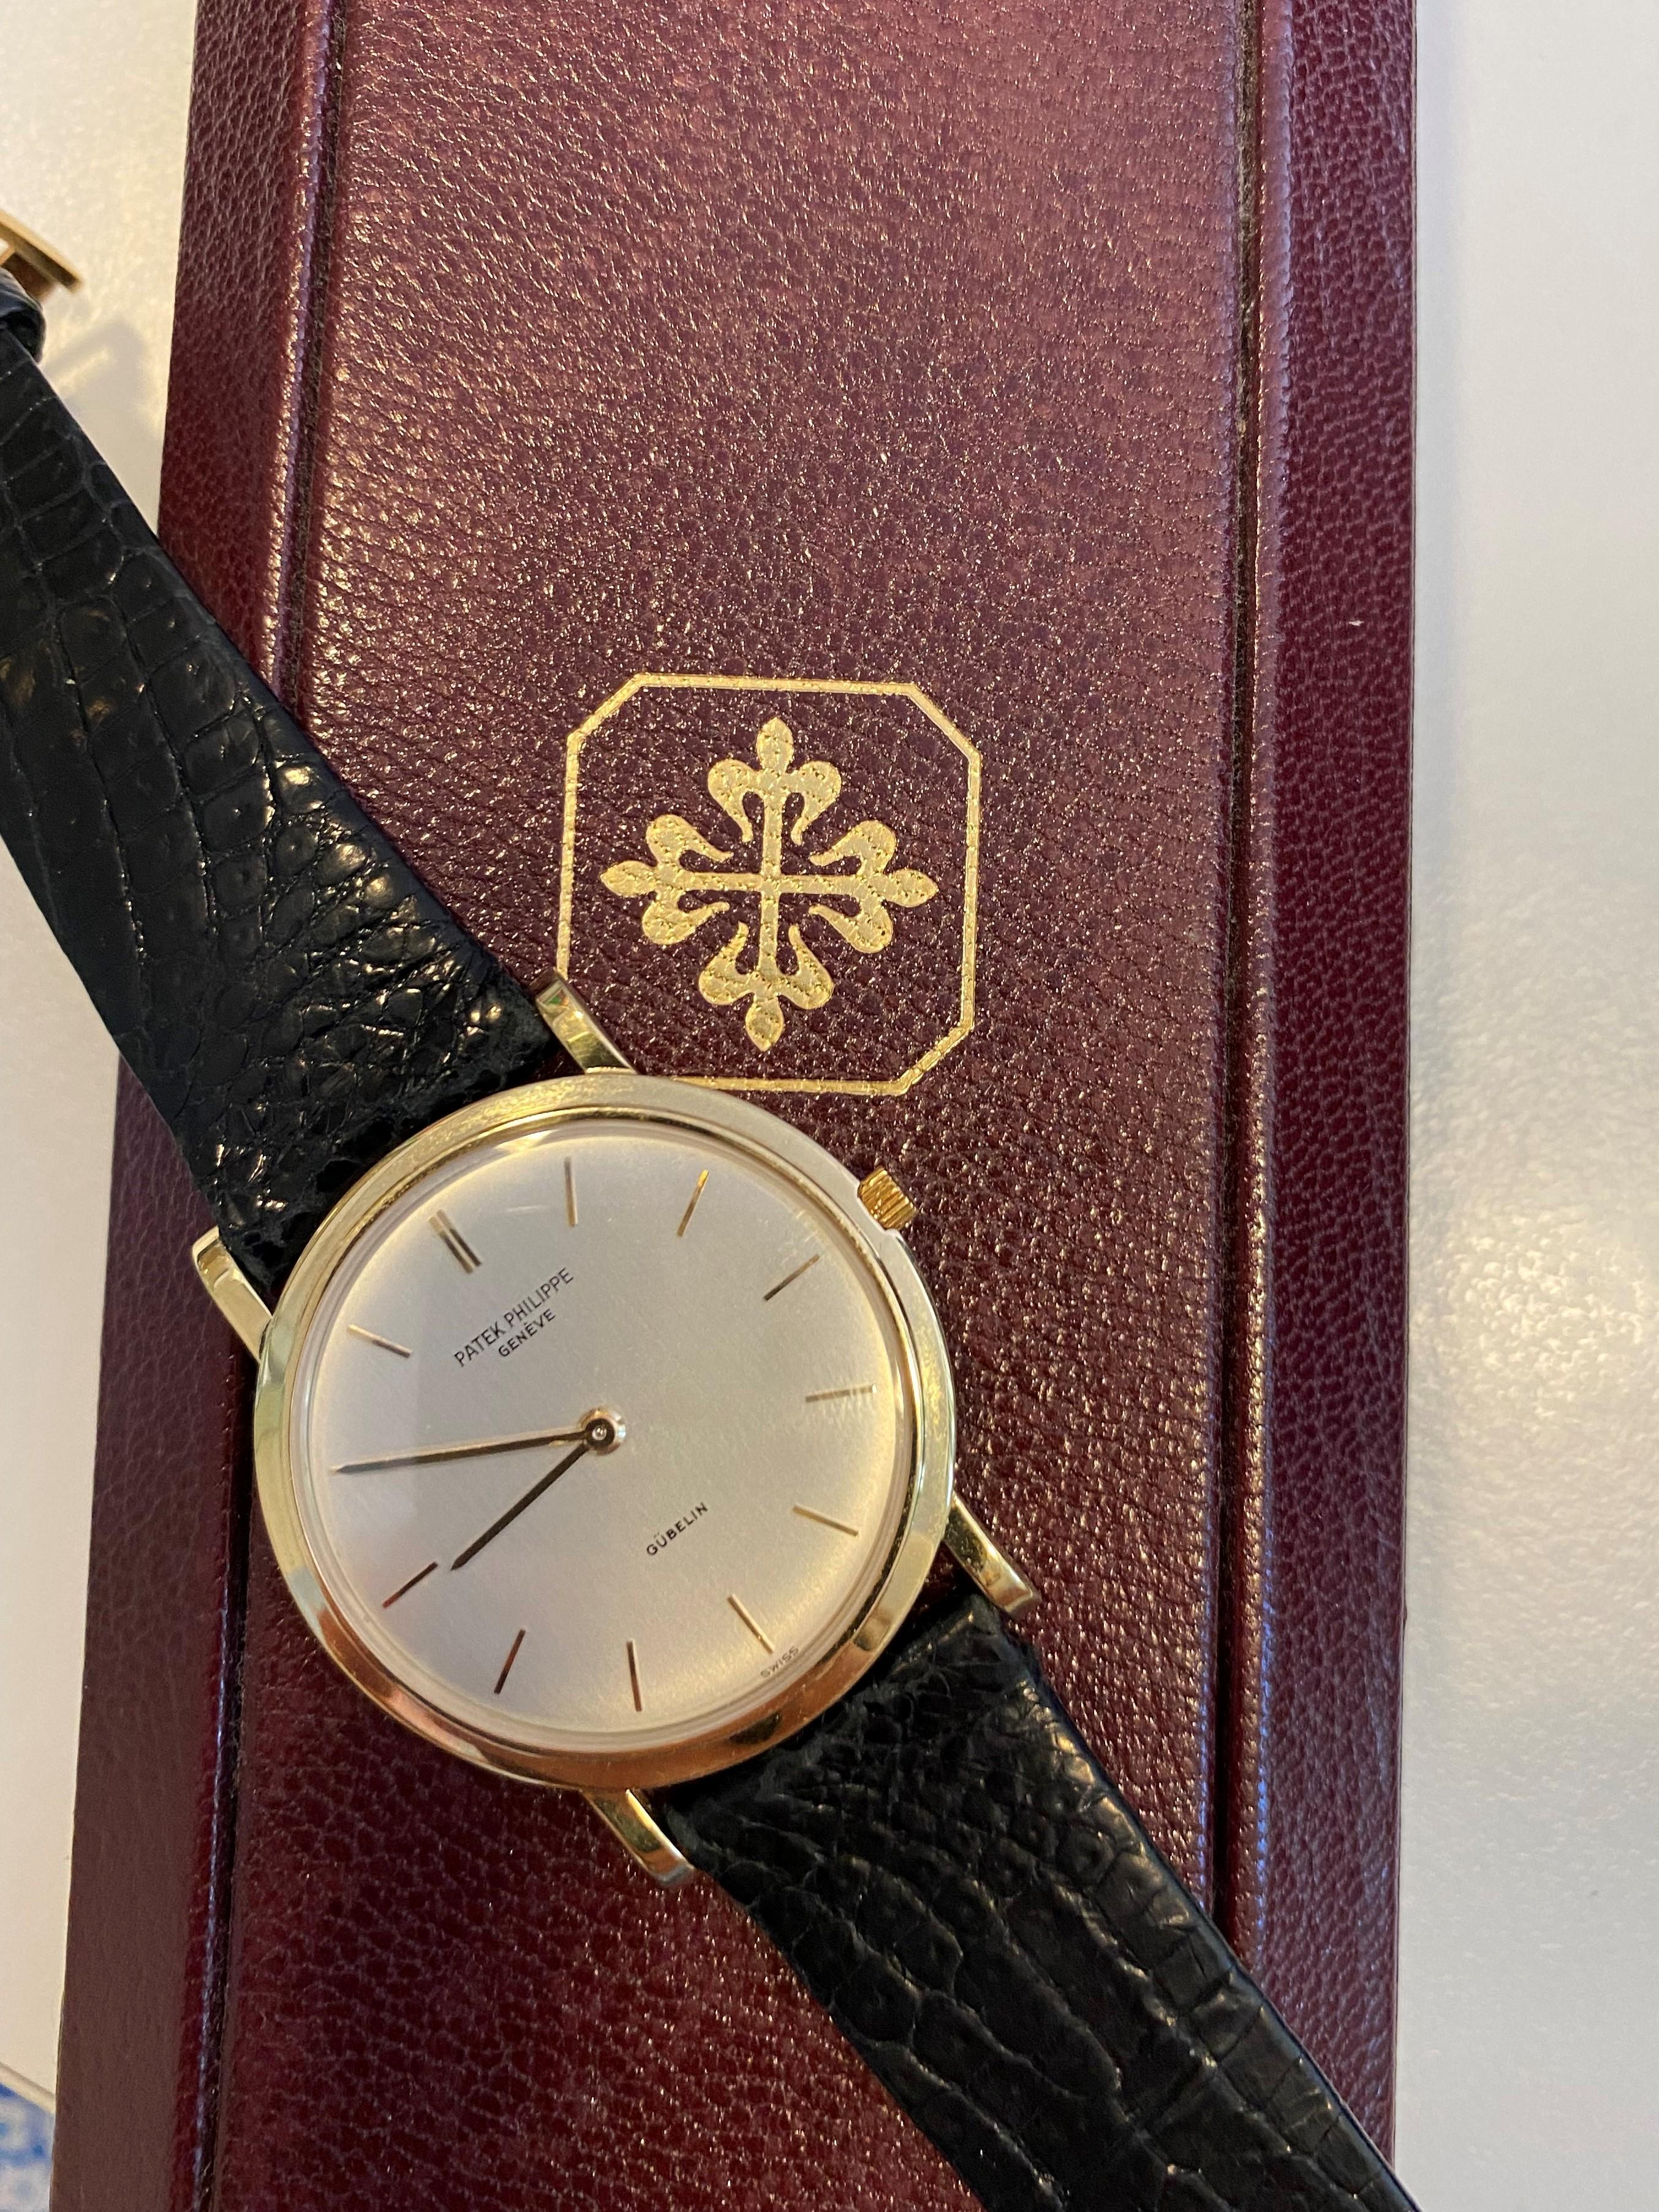 Orologio secondo polso Patek Philippe modello Gubelin